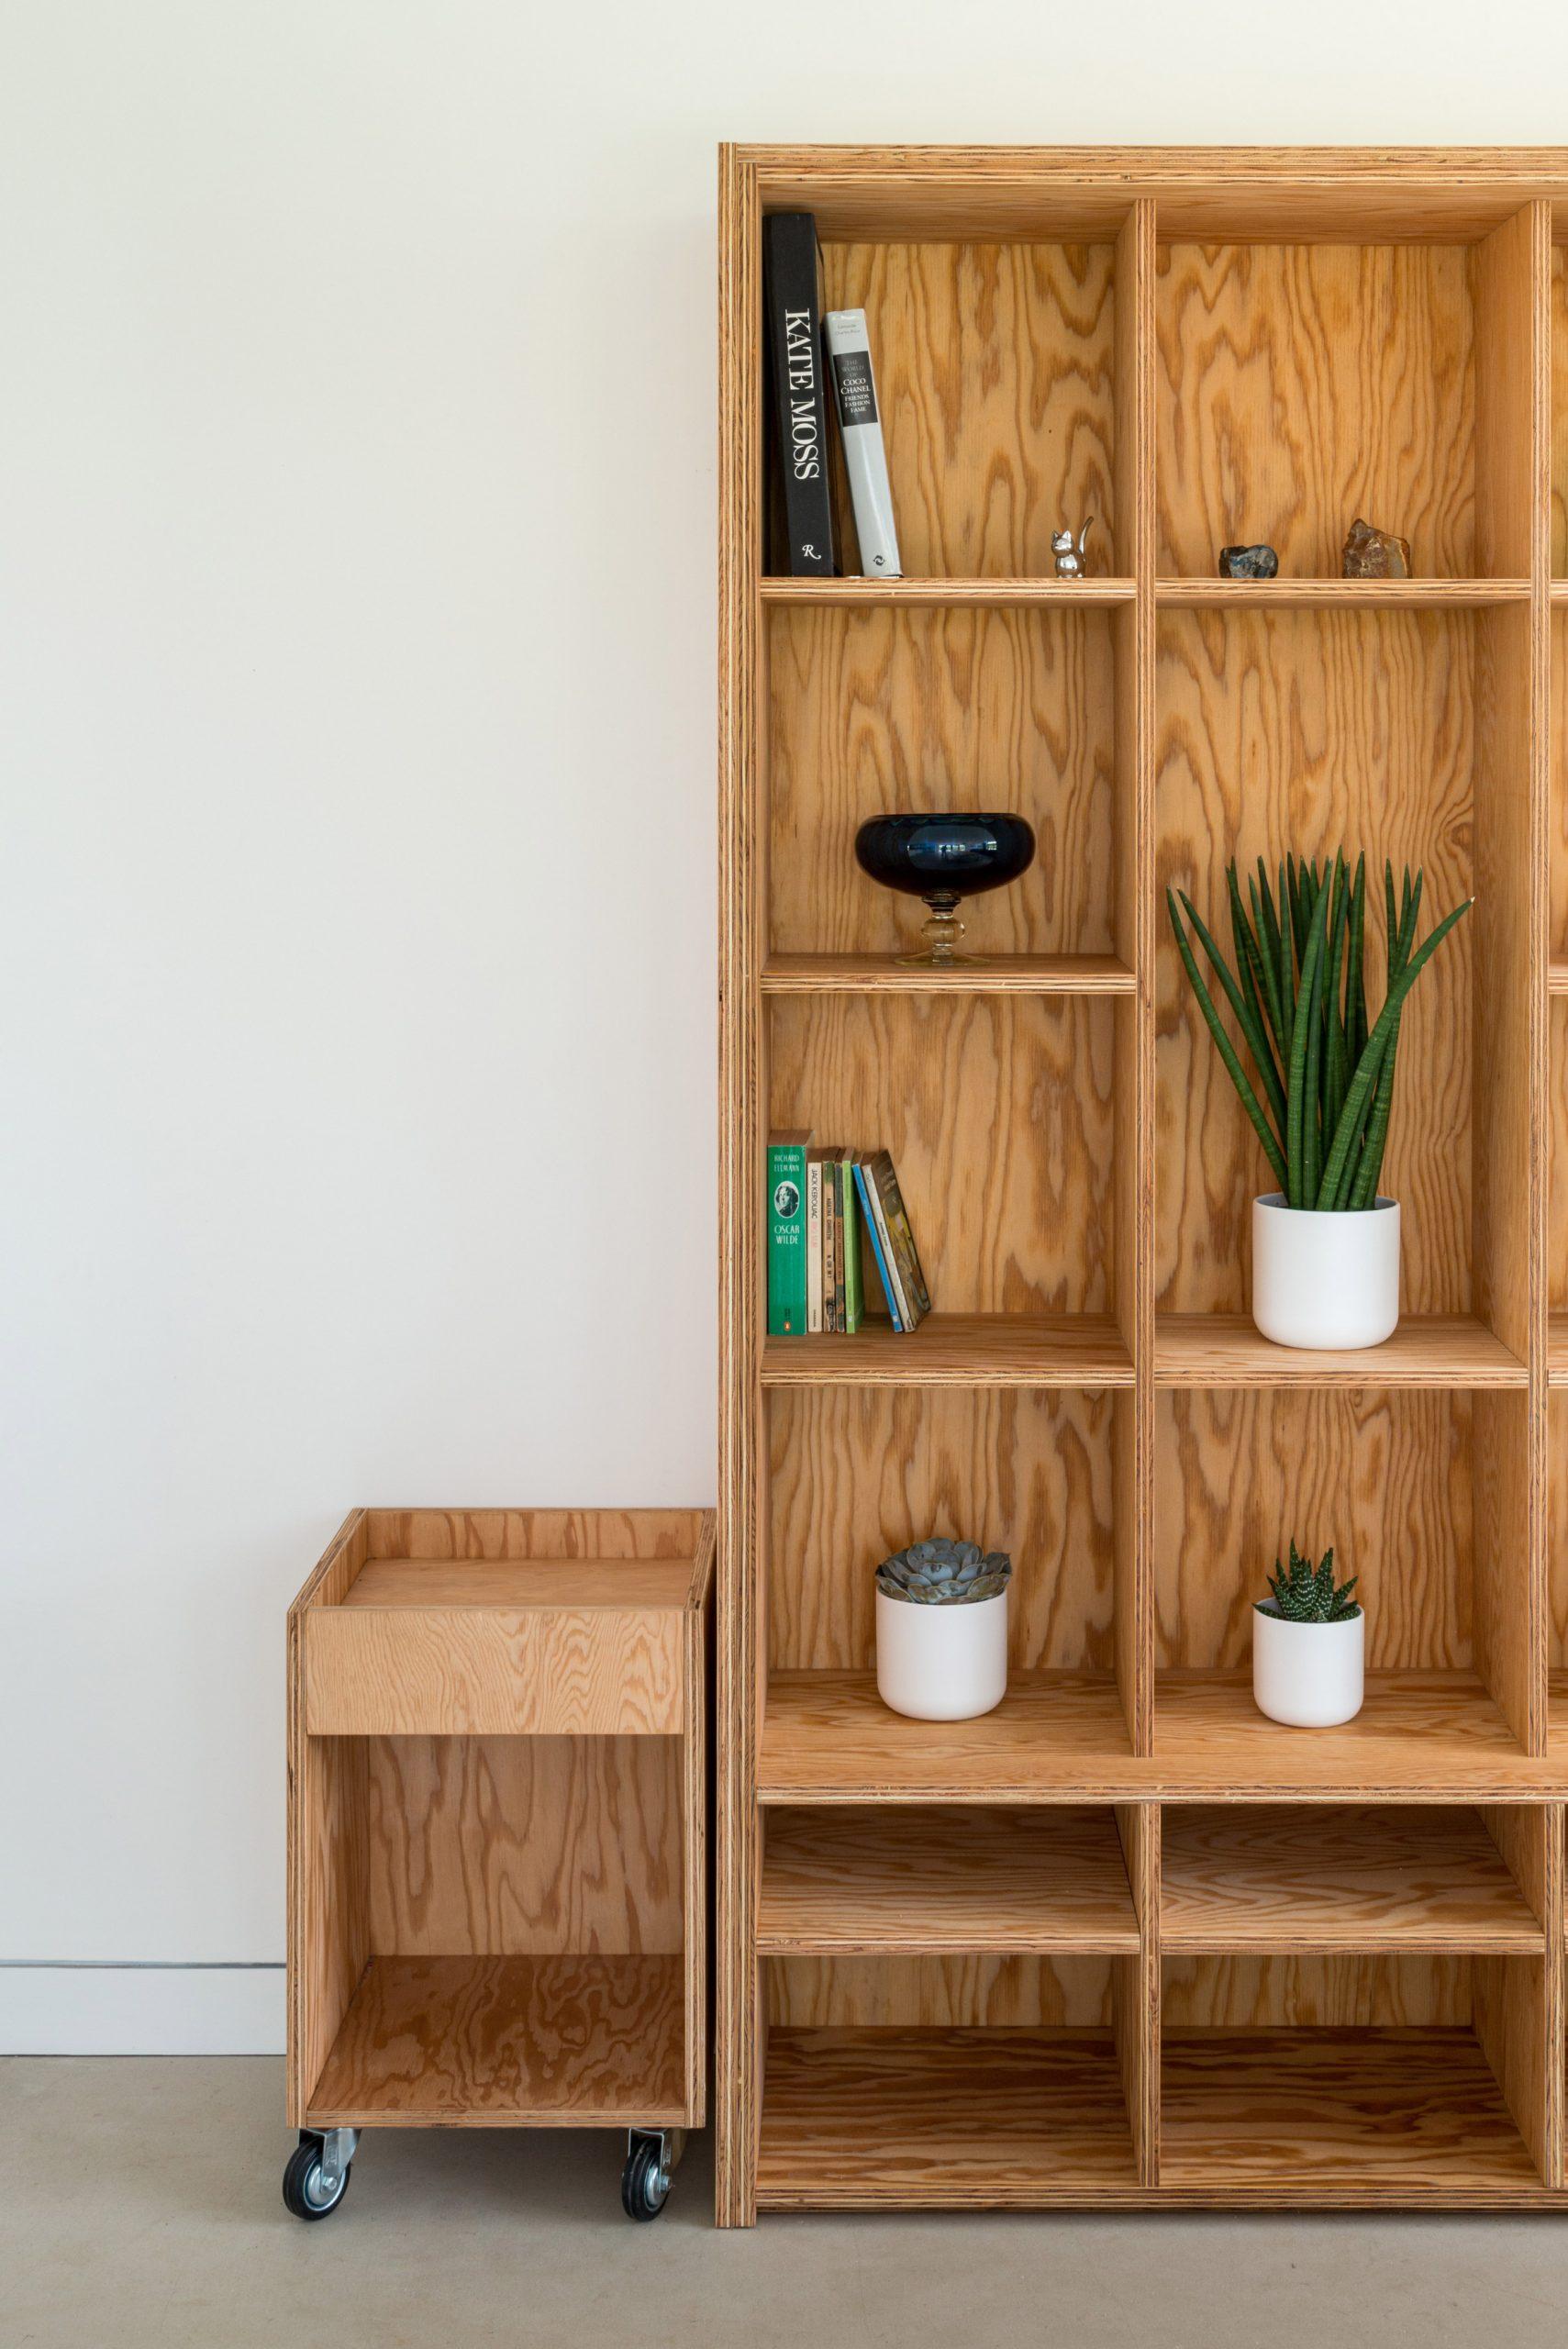 Furniture in DU18 by Turner Works